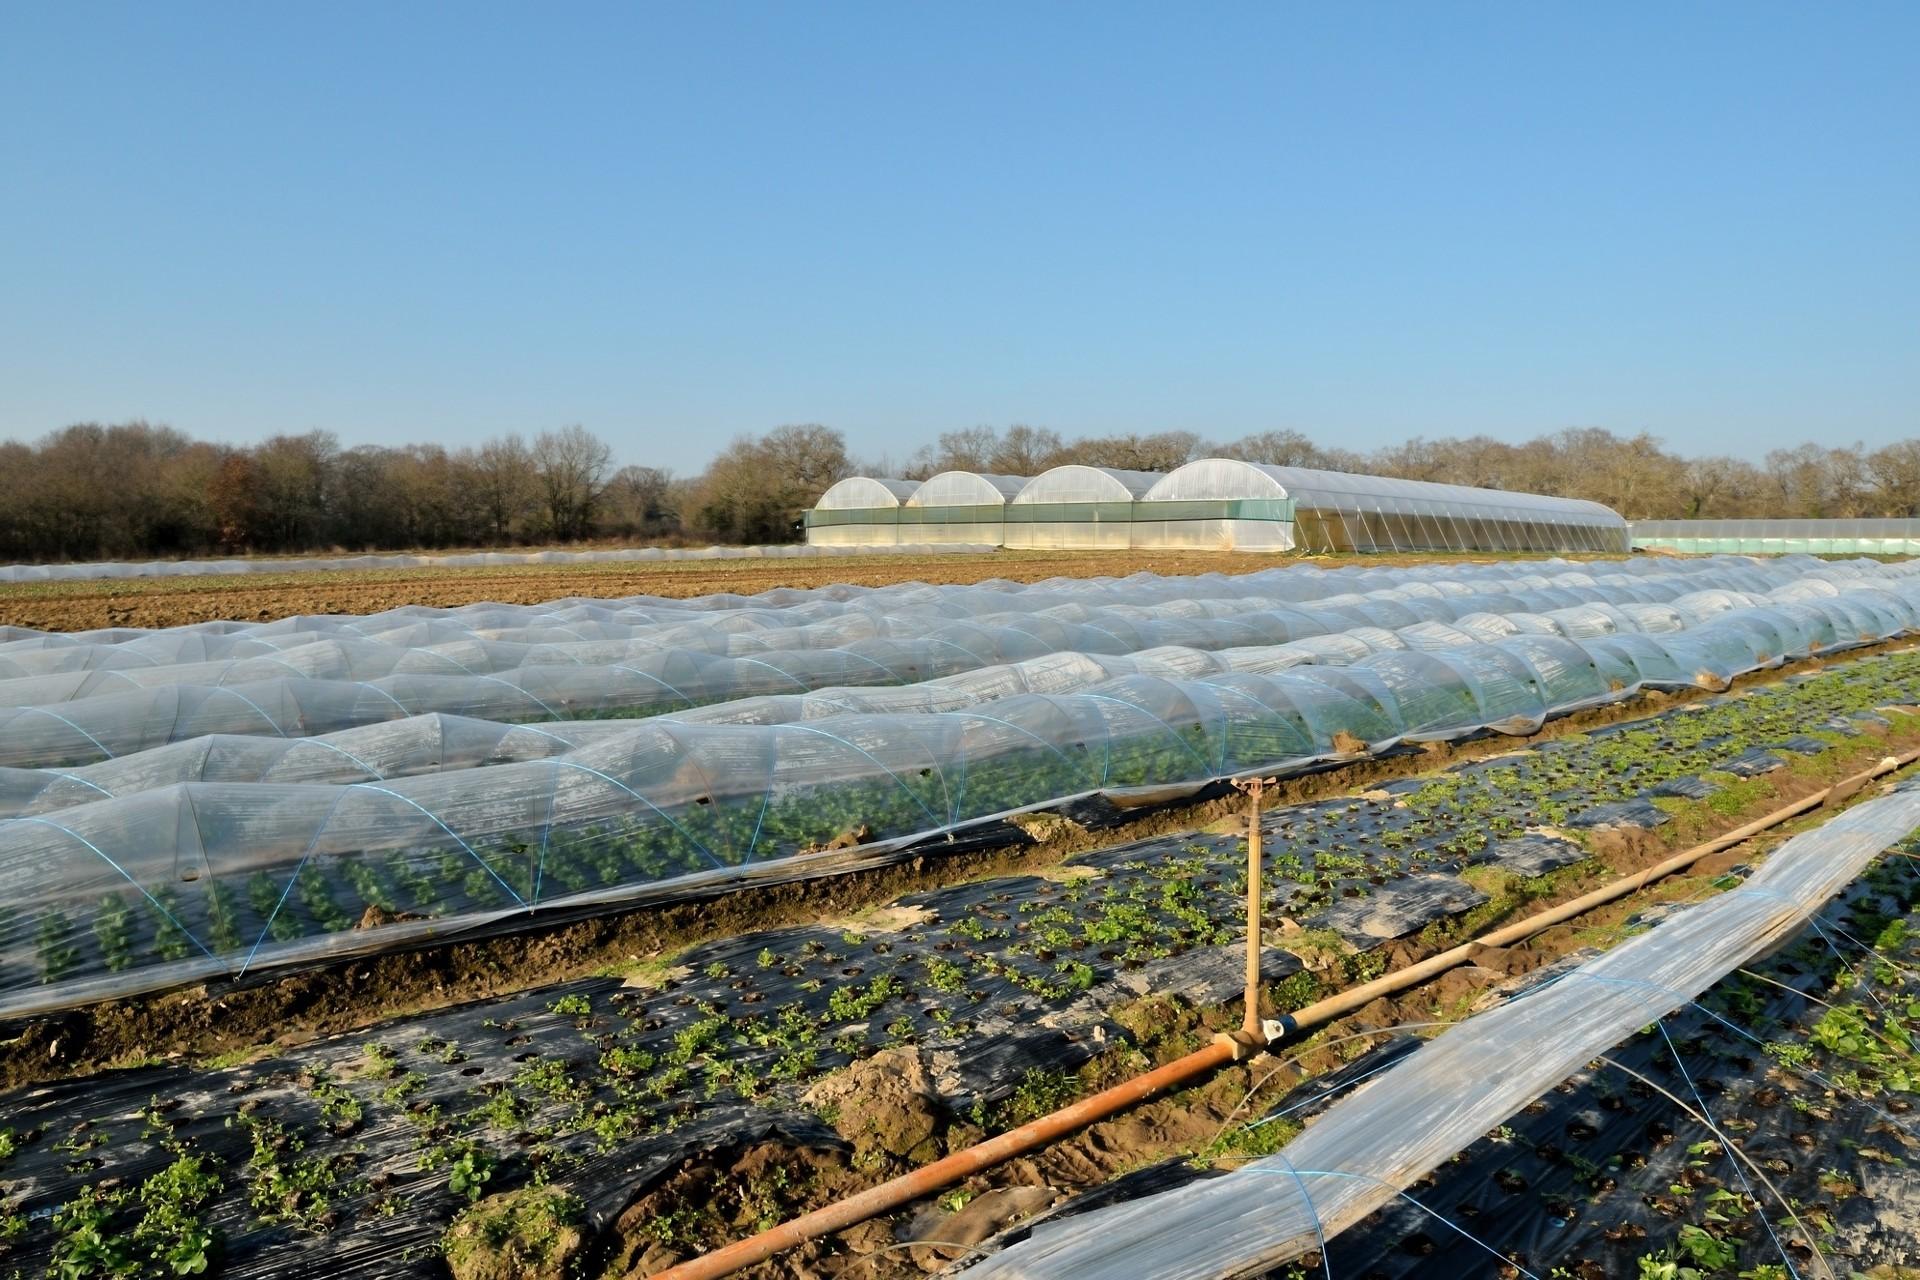 Fruits et légumes bio à Chaumes en Retz - GAEC Dureau